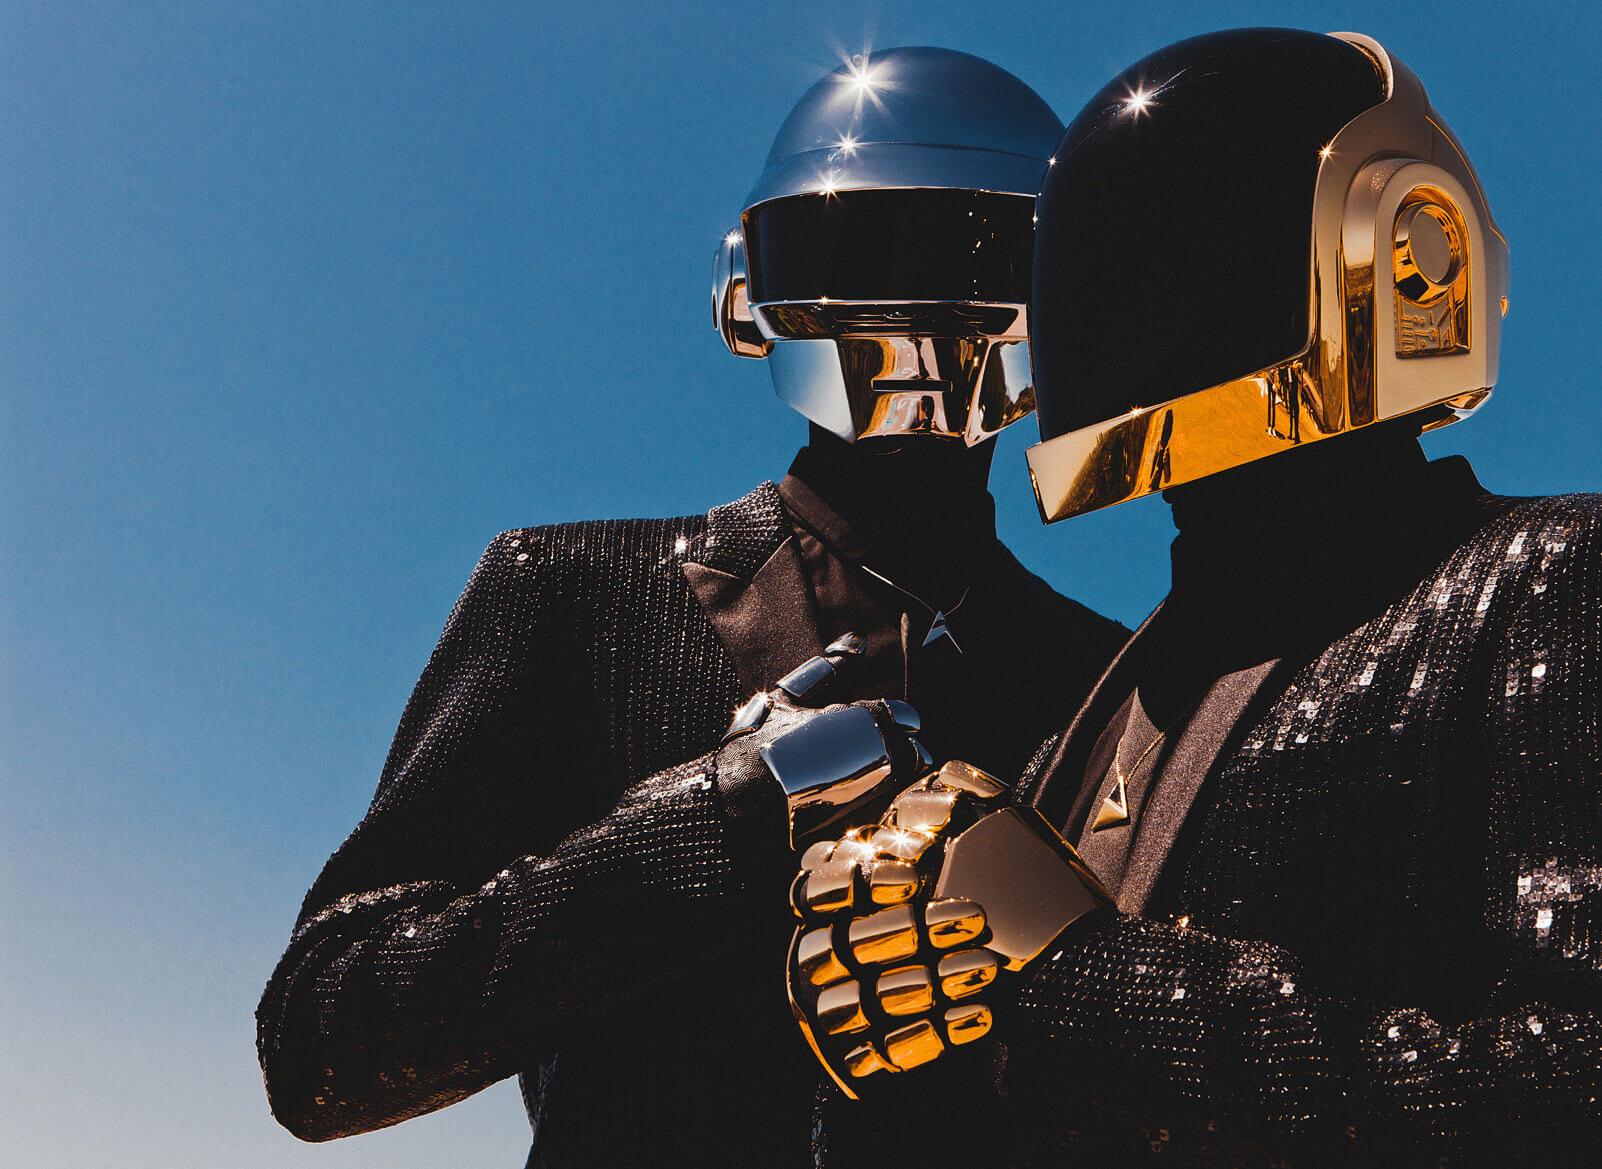 Daft Punk e o término de uma influente trajetória dentro da música eletrônica